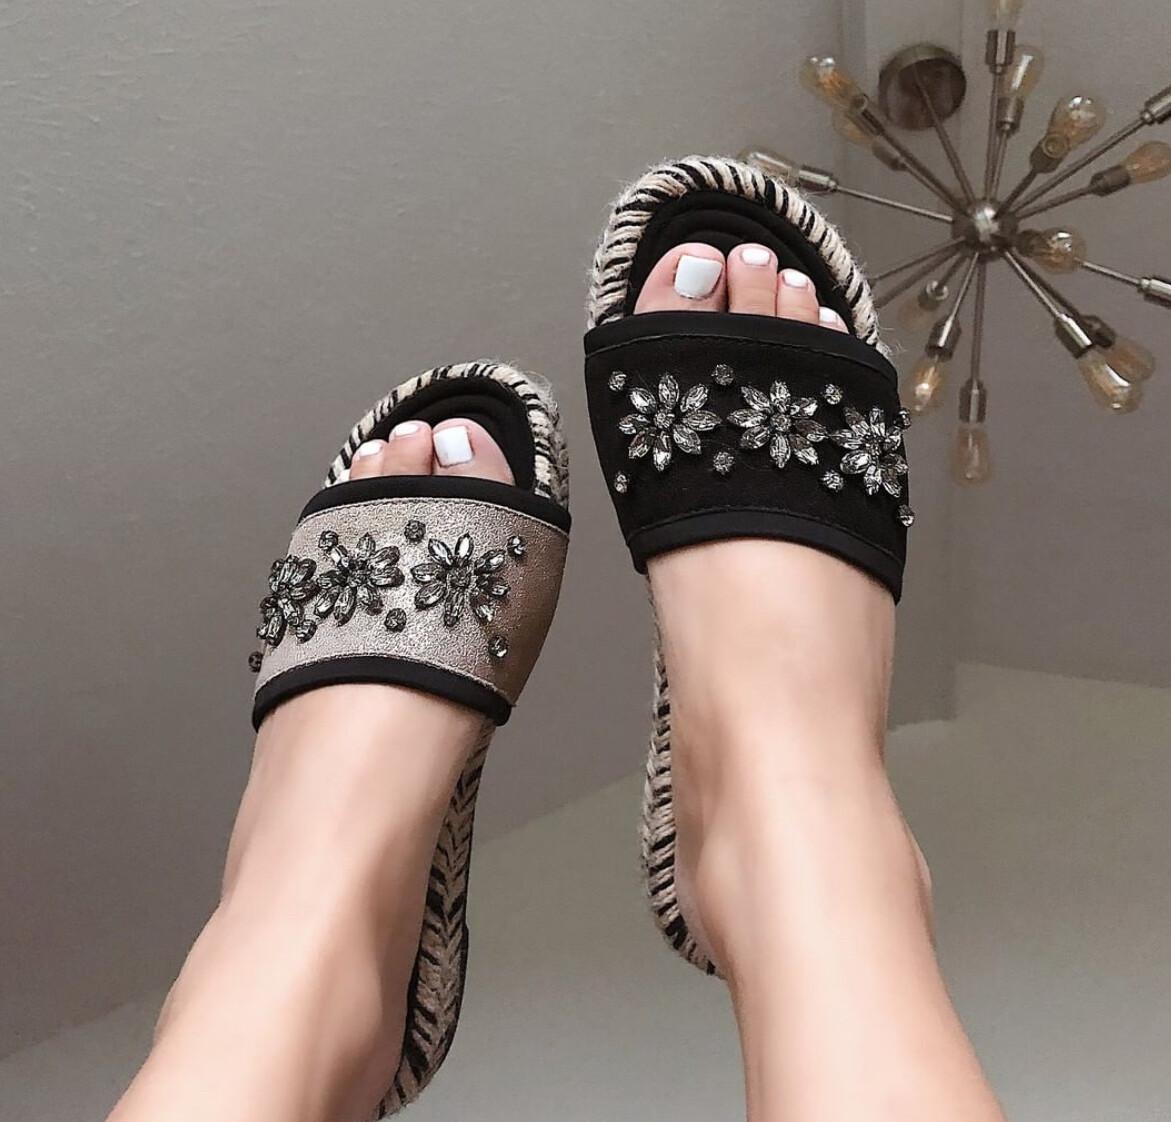 Naked Feet -Koyo-